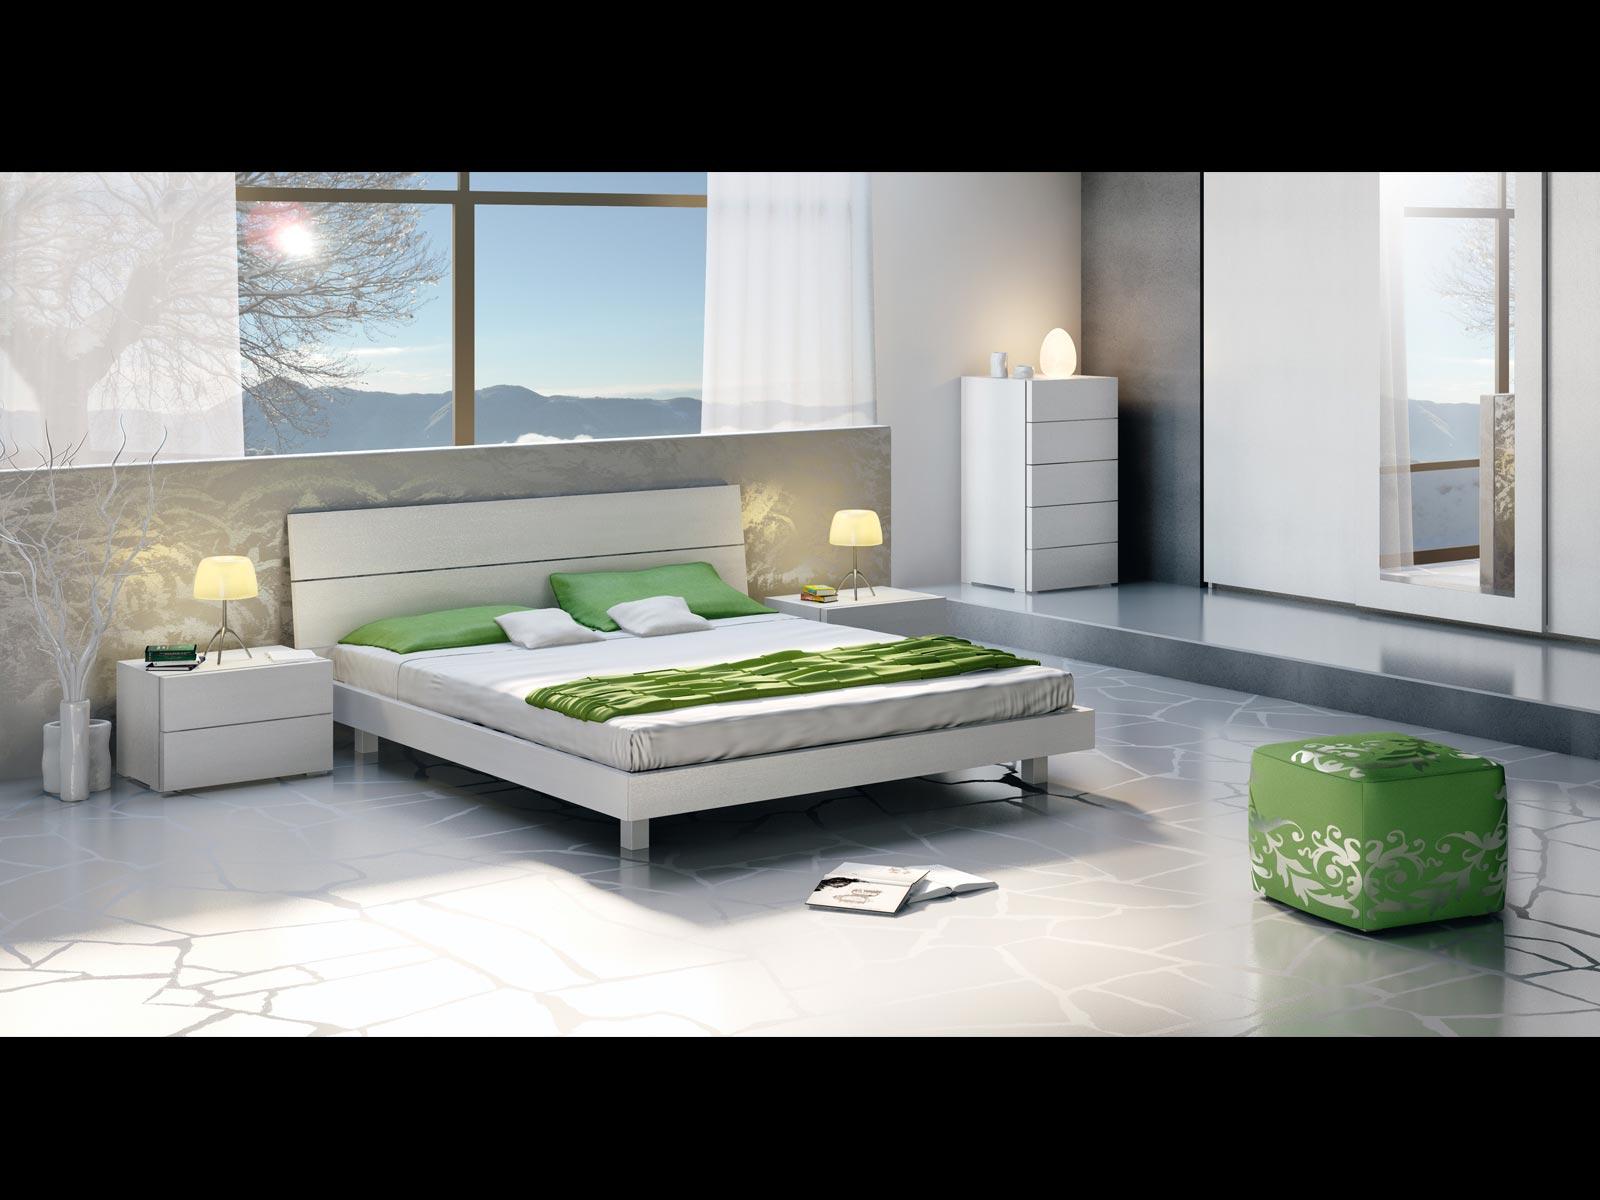 Letti Bassi Ikea : Letto giapponese ikea. excellent camere da letto ikea with letto